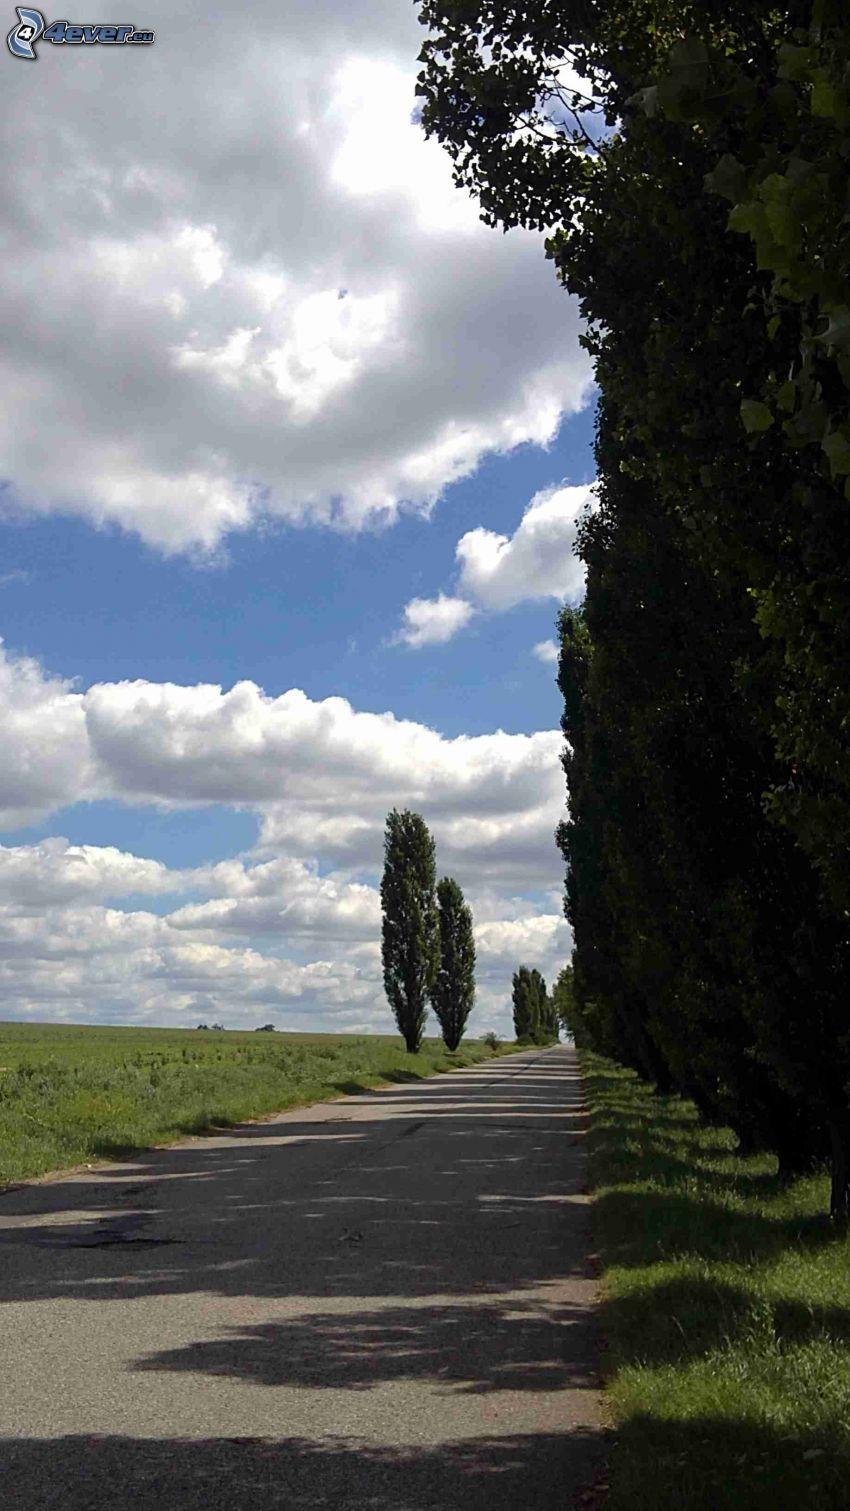 camino, arboleda, nubes